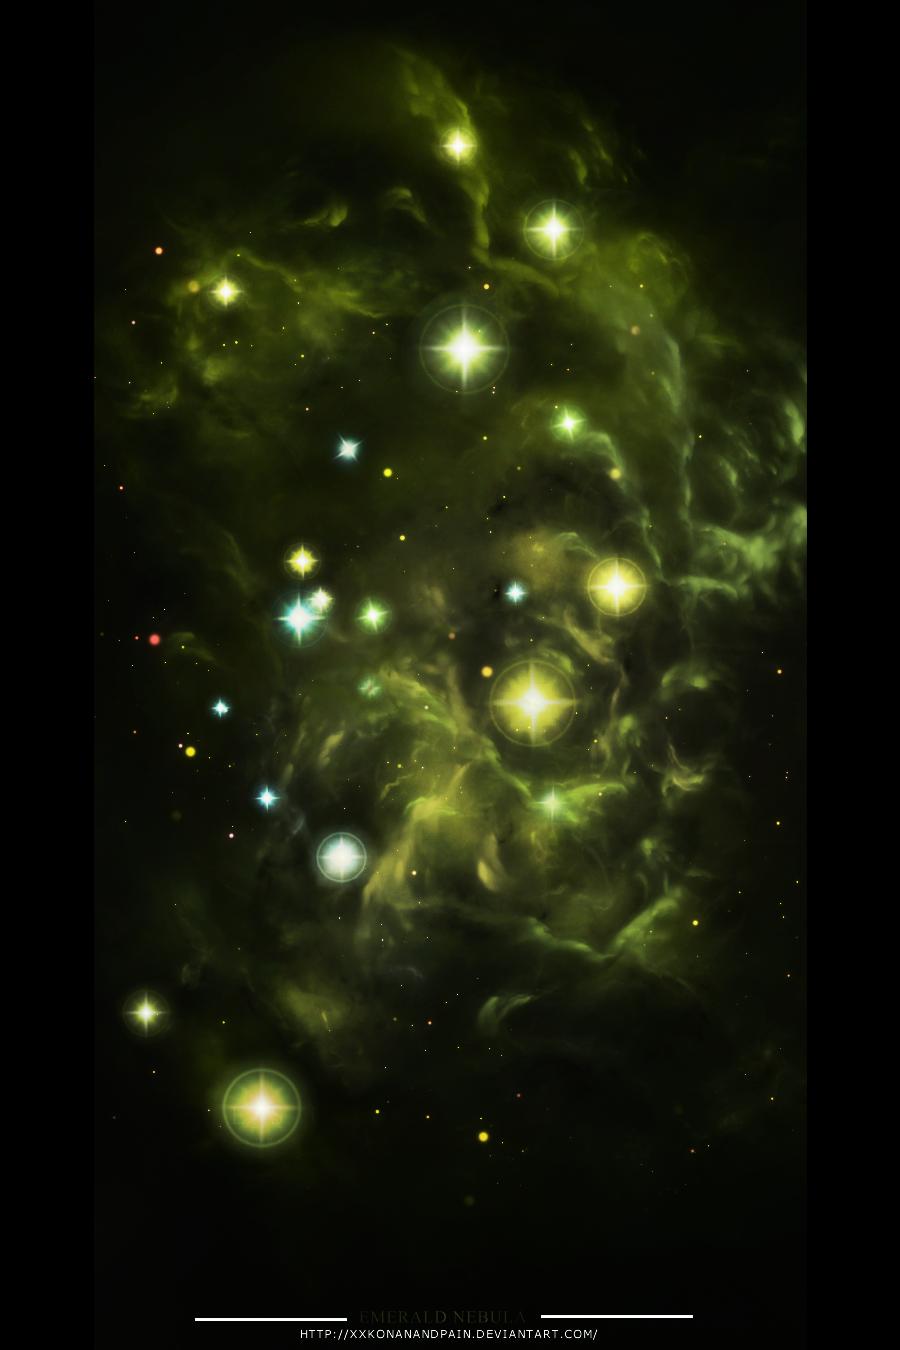 Emerald Nebula by xXKonanandPain